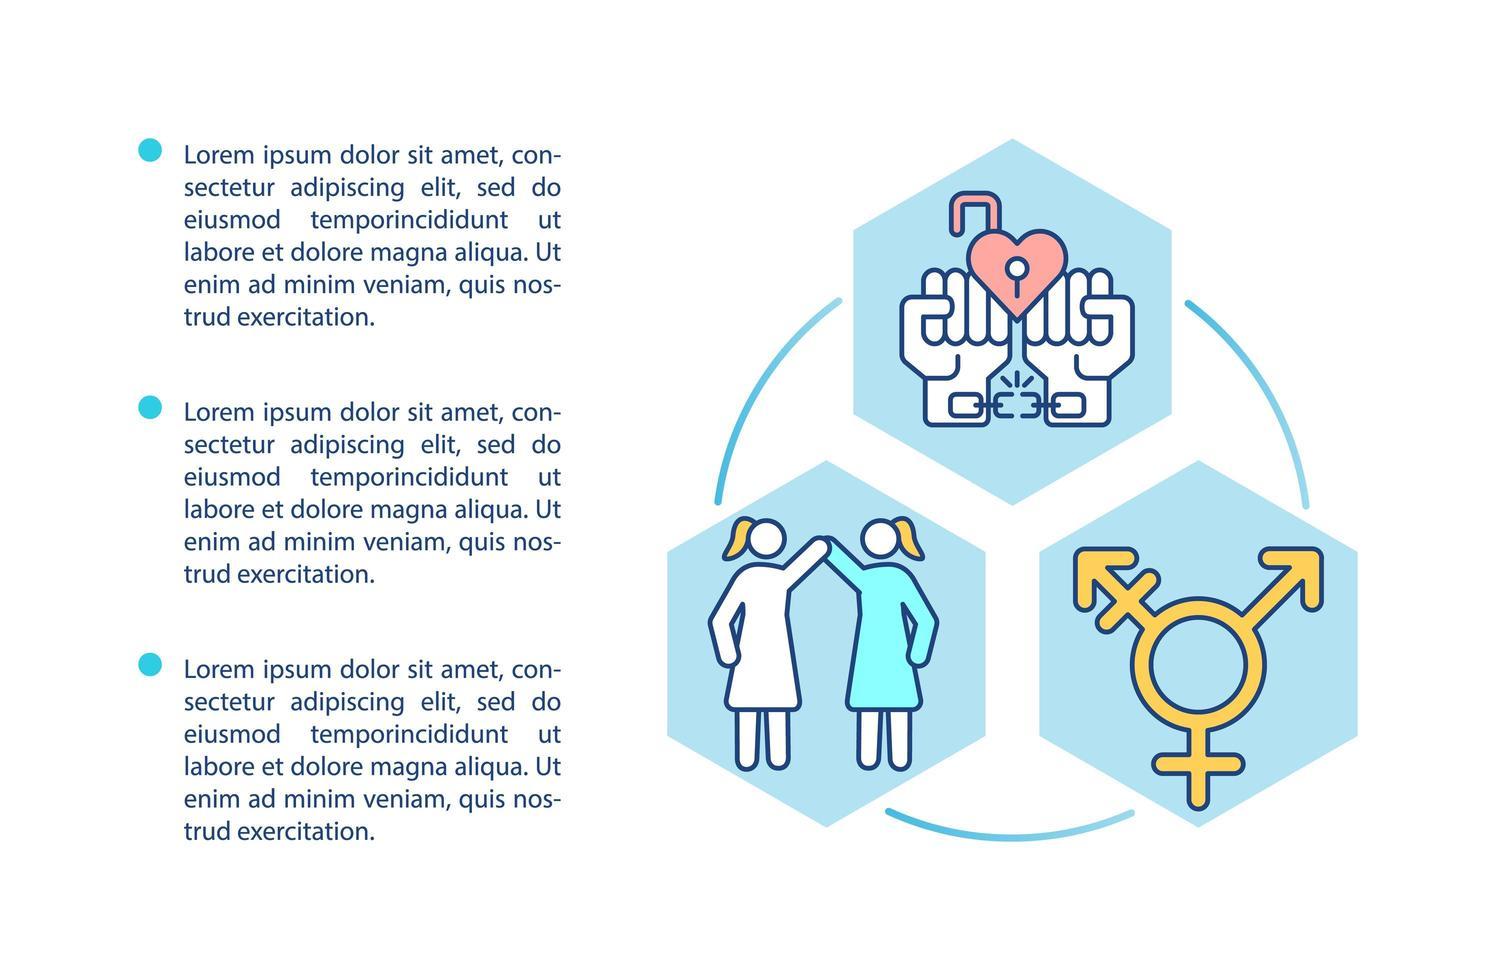 icono del concepto de diversidad de género con texto vector